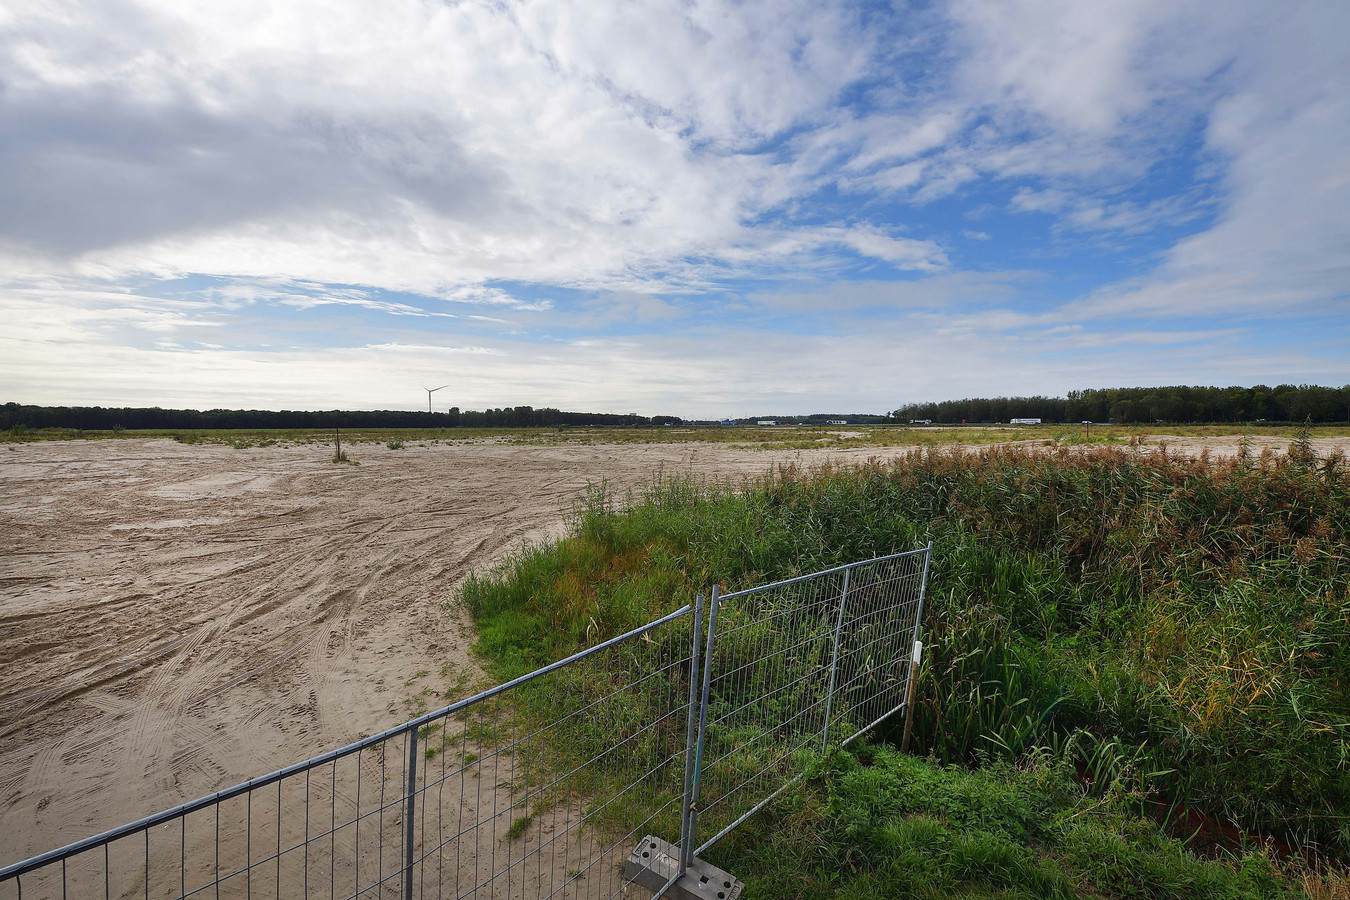 Bij knooppunt Klaverpolder, in de oksel van de snelwegen A16 en A17 (achtergrond) ligt al jaren 142 hectare braakliggende grond gereed voor de aanleg van Logistiek Park Moerdijk.